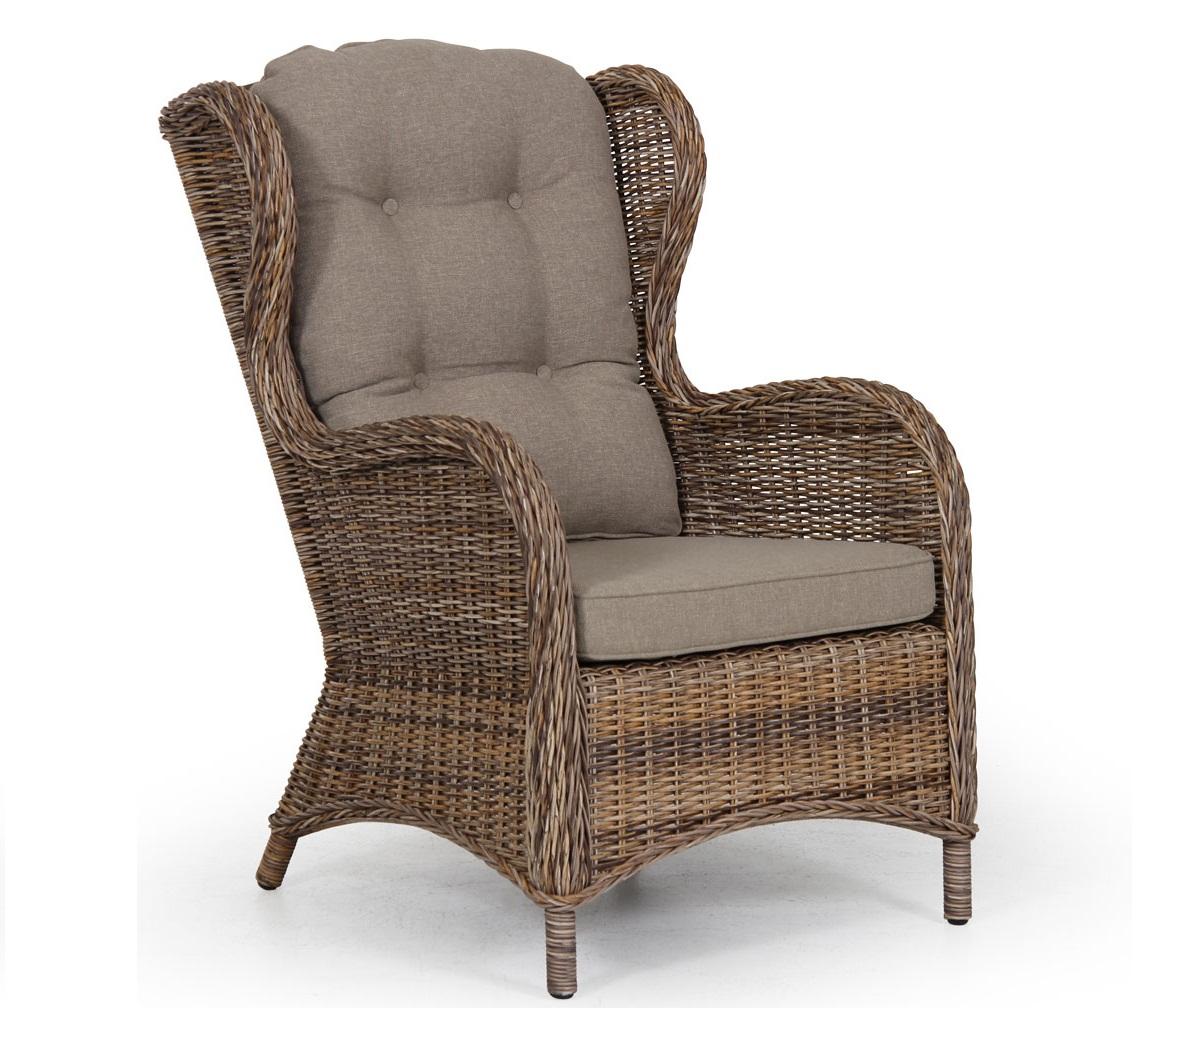 Плетеное кресло Evita brownПлетеная мебель из искусственного ротанга<br>Размер: 65х66 В102<br><br>Артикул: 5641-62<br>Материалы: Искусственный ротанг<br>Каркас: Алюминиевый<br>Полный размер: 65х66 В102<br>Вес товара (кг): 15,9<br>Цвет: Коричневый<br>Примечание: Подушка в стоимость не входит<br>Изготовление и доставка: 2-3 дня<br>Условия доставки: Бесплатная по Москве до подъезда<br>Условие оплаты: Оплата наличными при получении товара<br>Производство: Швеция<br>Производитель: Brafab